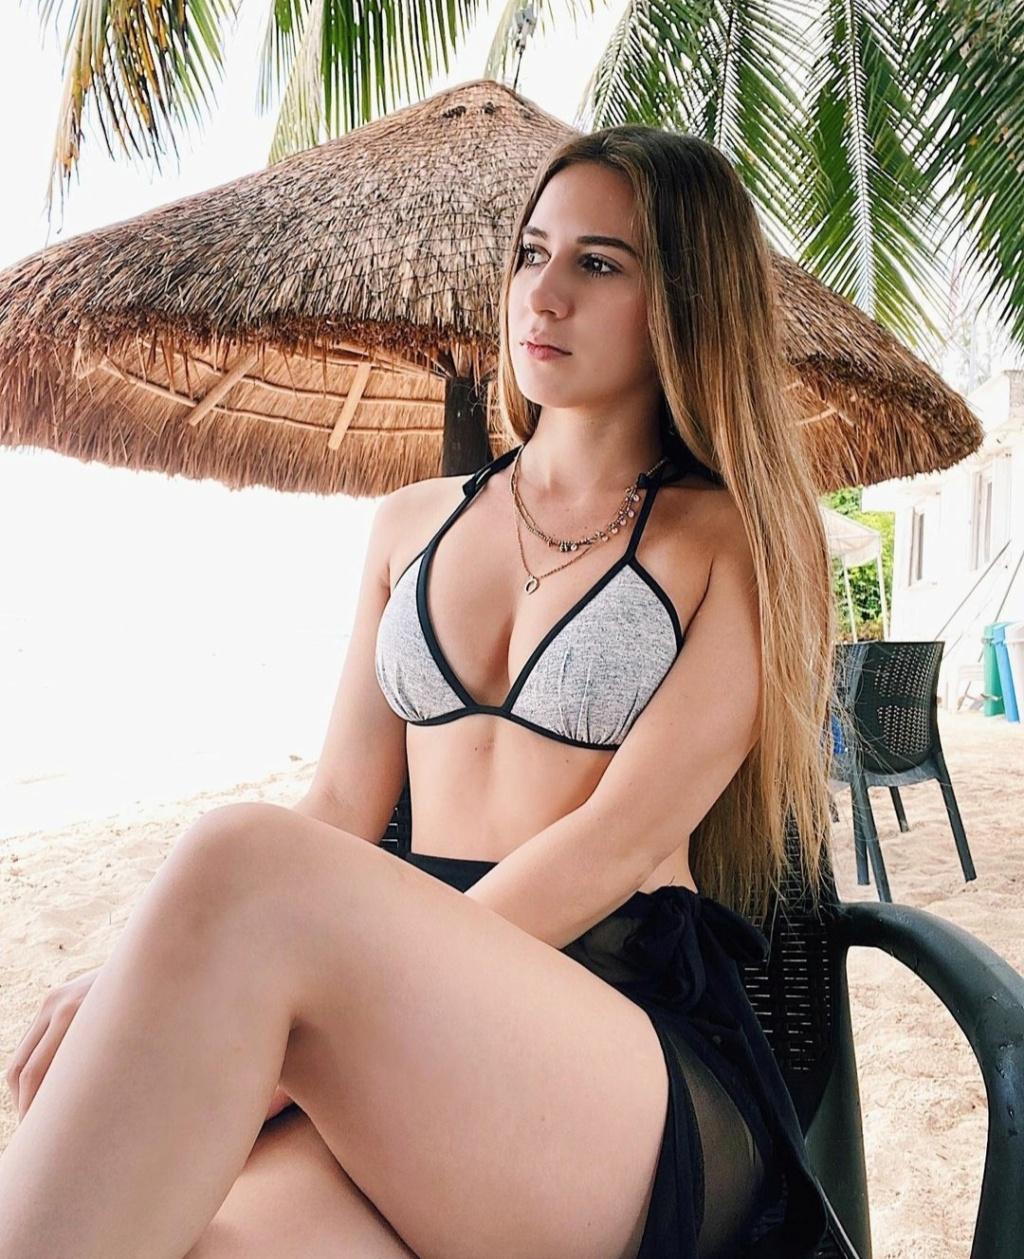 DEBATE sobre belleza, guapura y hermosura (fotos de chicas latinas, mestizas, y de todo) - VOL II - Página 5 Img_1171